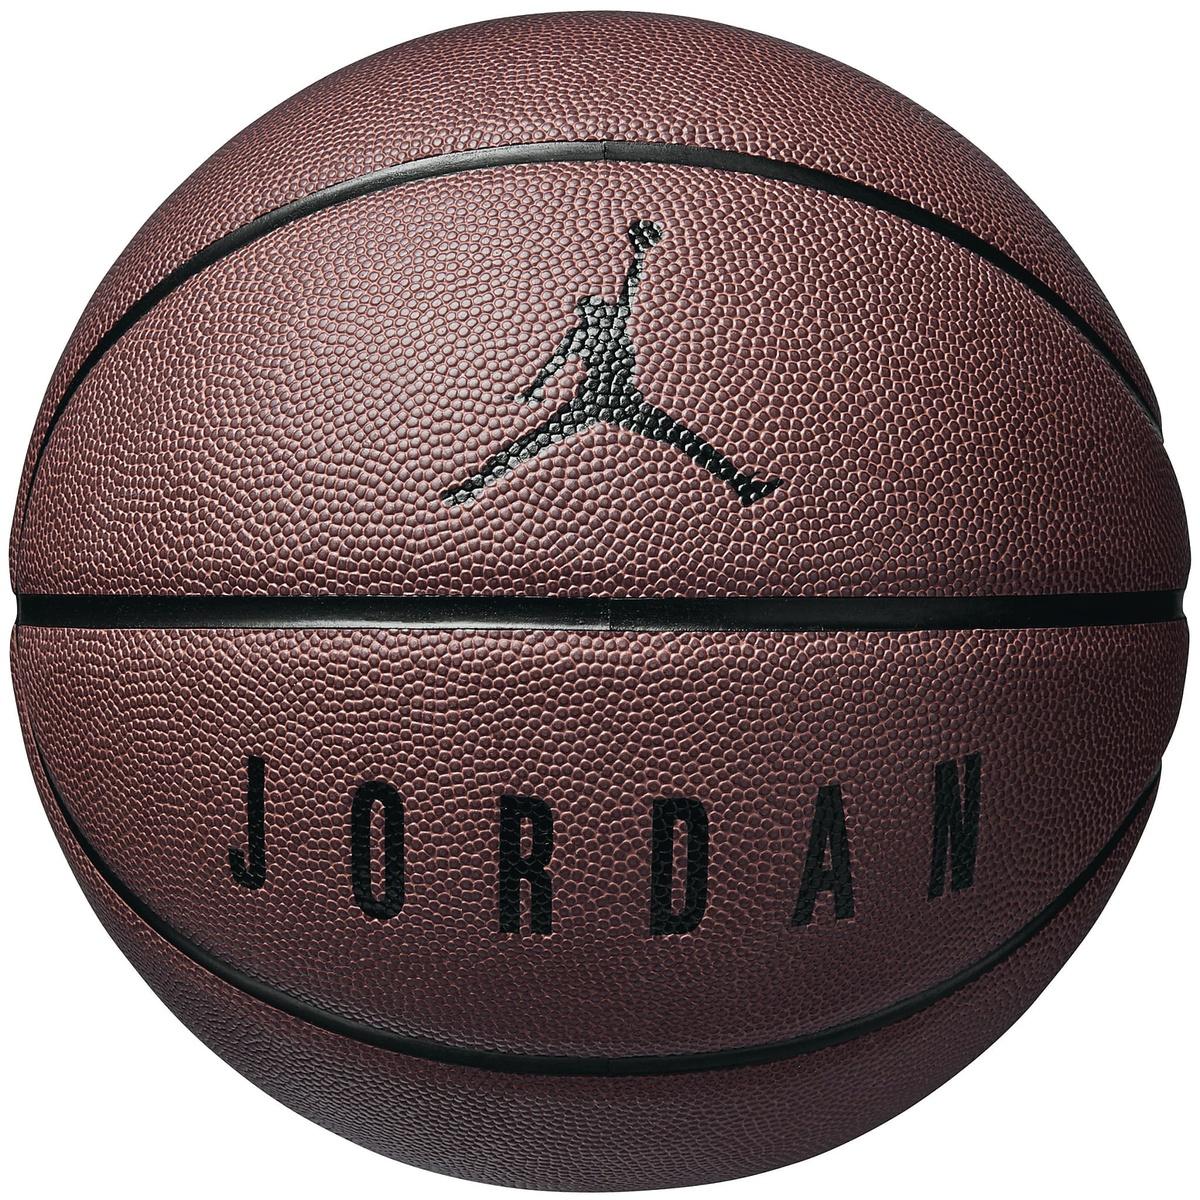 ジョーダンブランド スポーツ フィットネス バスケットボール ボール 7号ボール ジョーダン アルティメット ダークアンバー BRAND 未使用品 ブラック JORDAN 7 8P 公式 JD4004-842